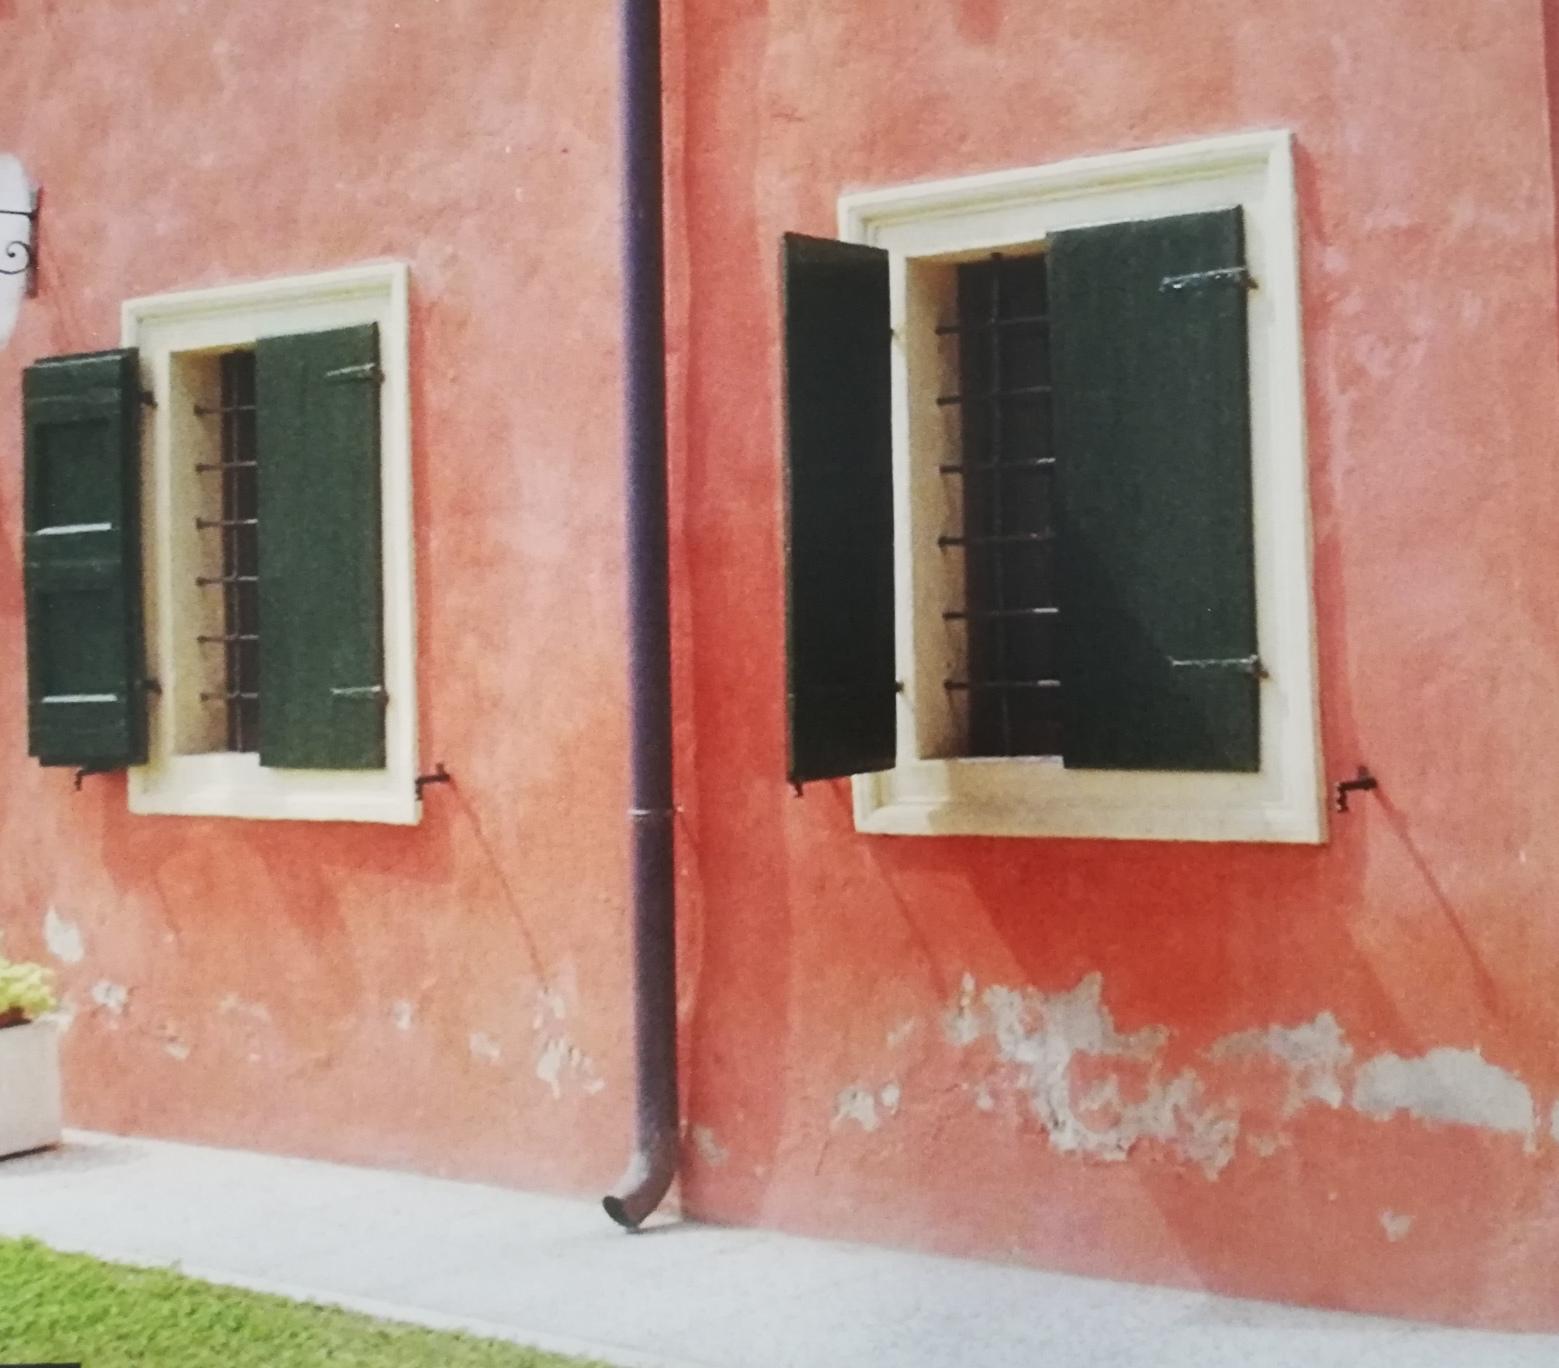 Umidita Di Risalita Come Risolvere come risolvere umidità di risalita? con hydra hegea |